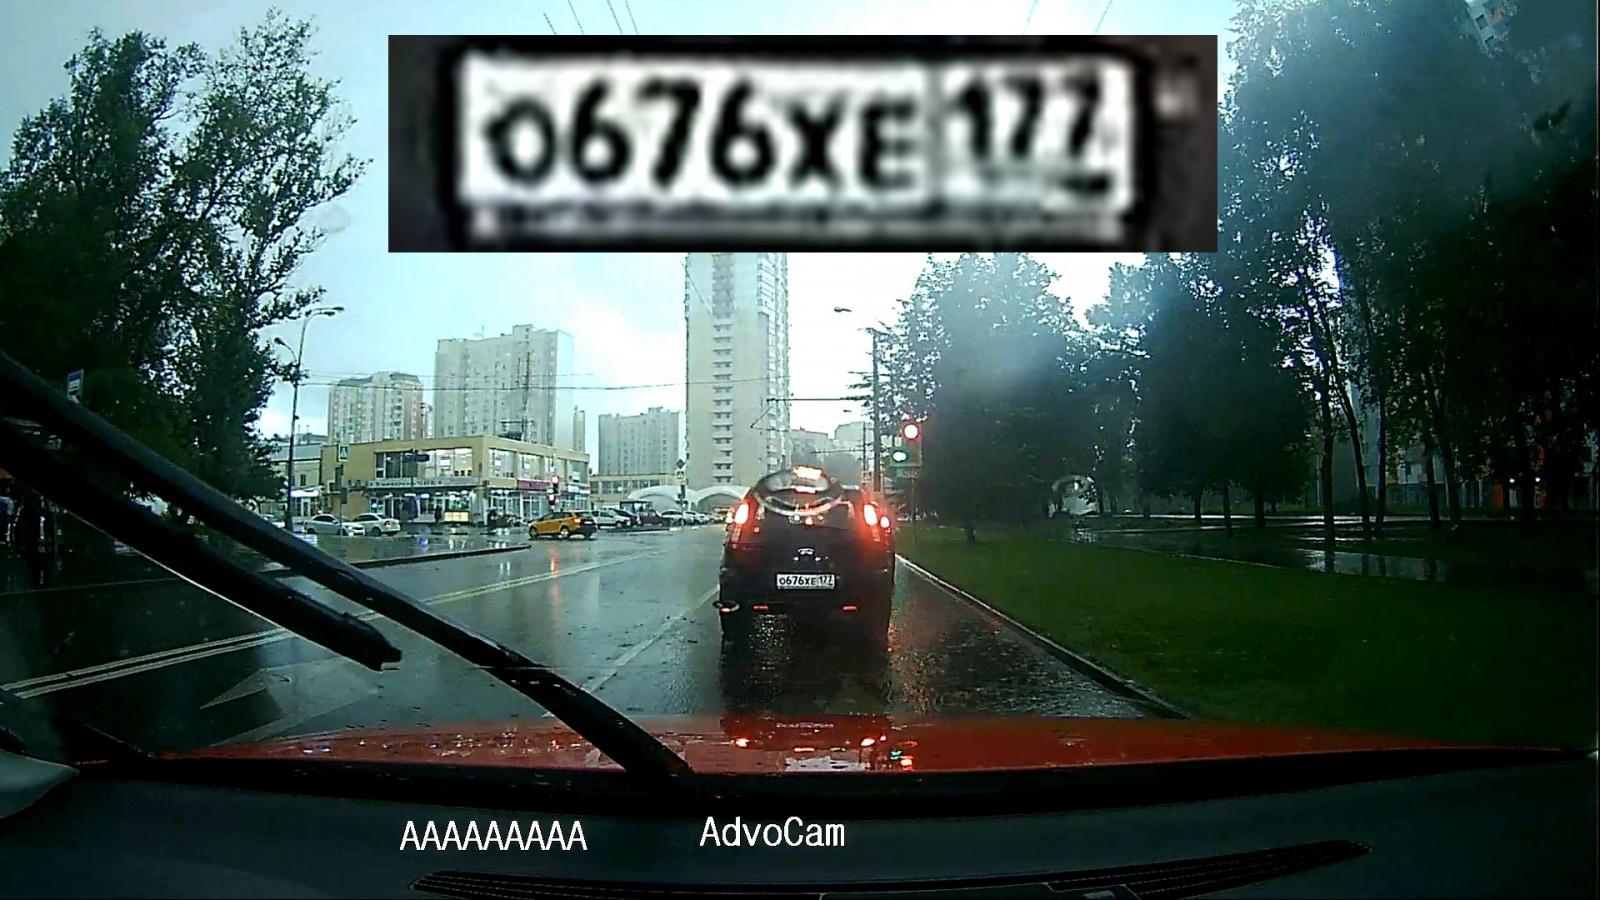 Обзор слишком дешевого русского регистратора AdvoCam-FD4 - 27